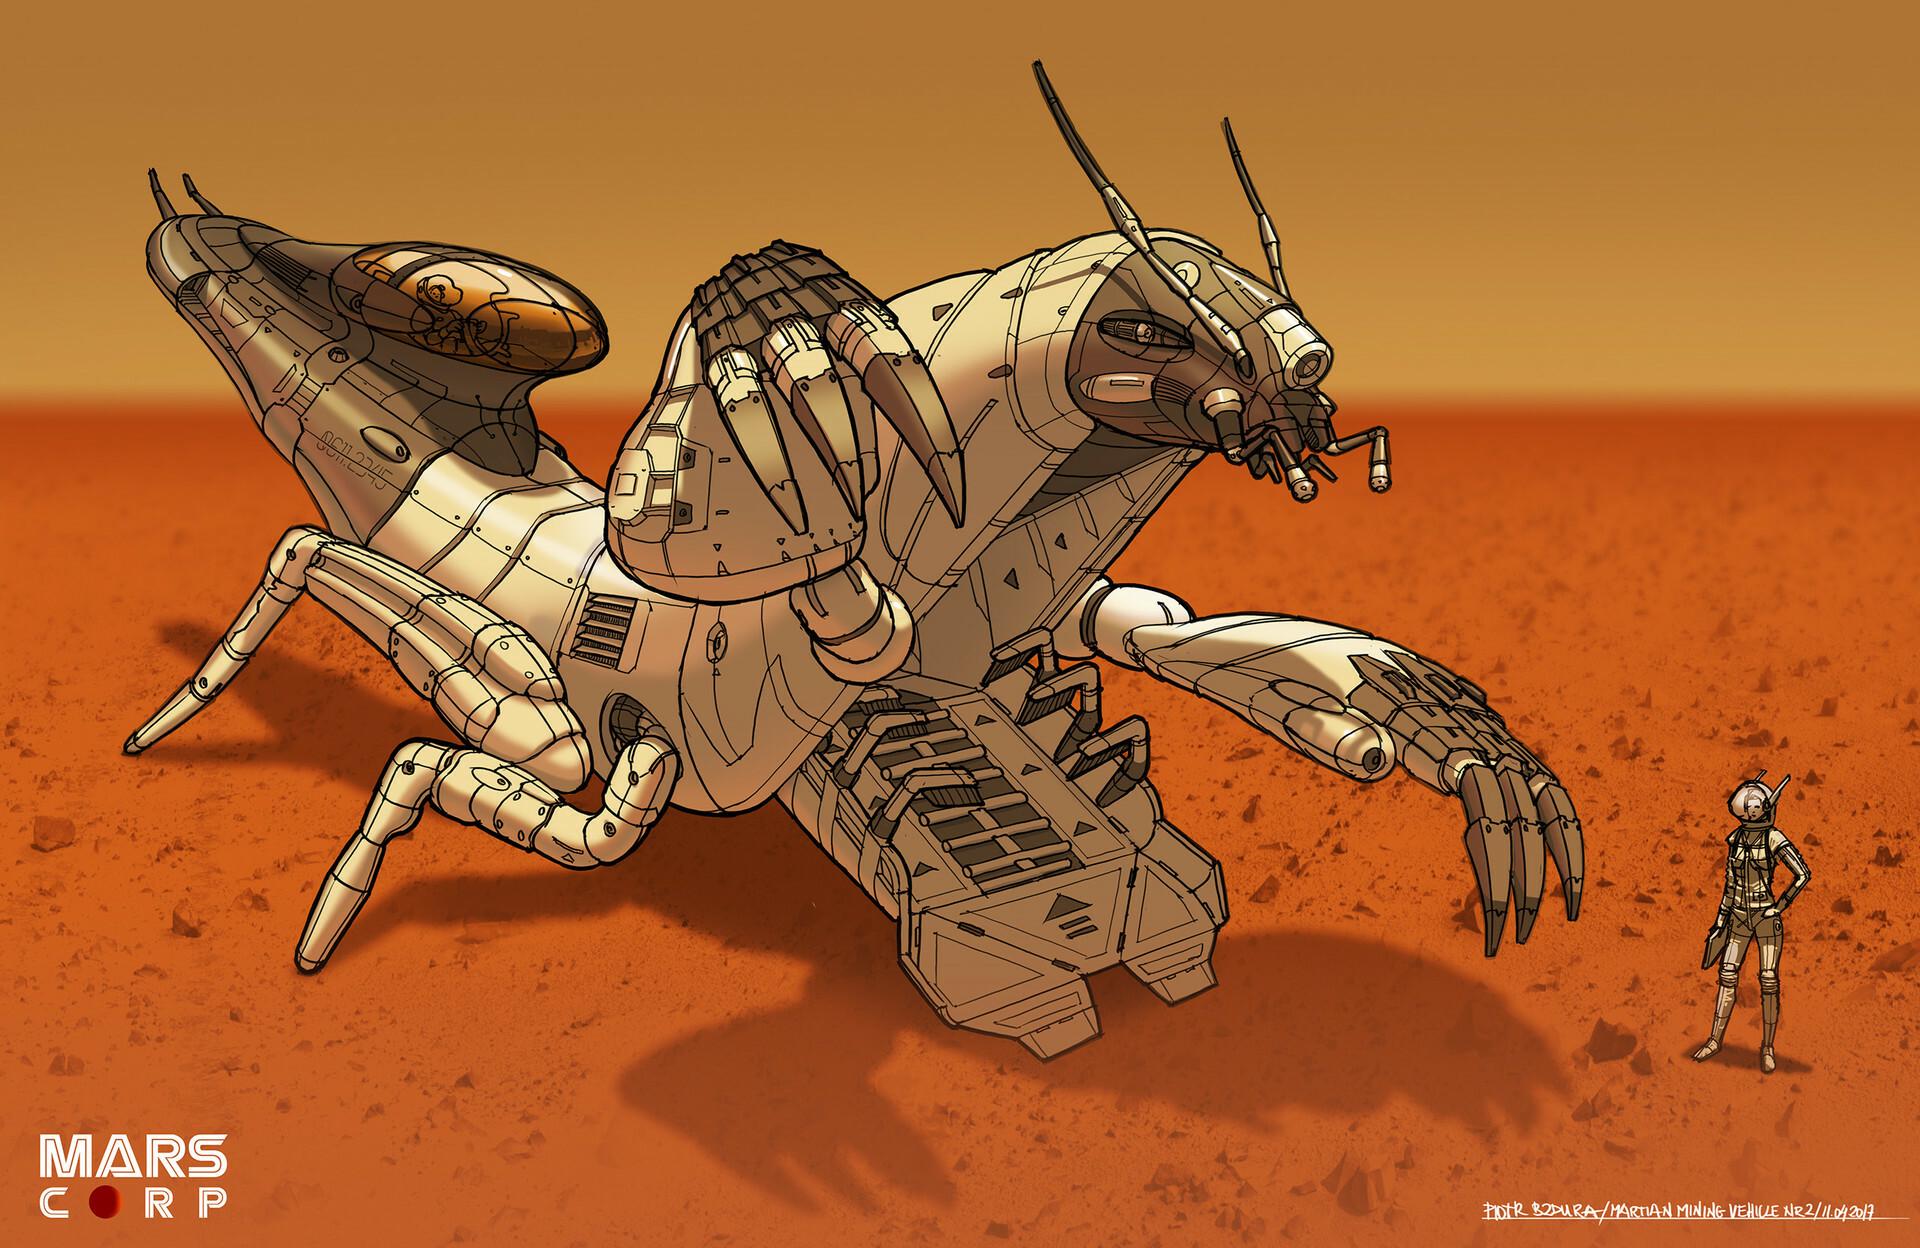 Piotr bzdura piotr bzdura 12042017 spacebug separate03 color 02